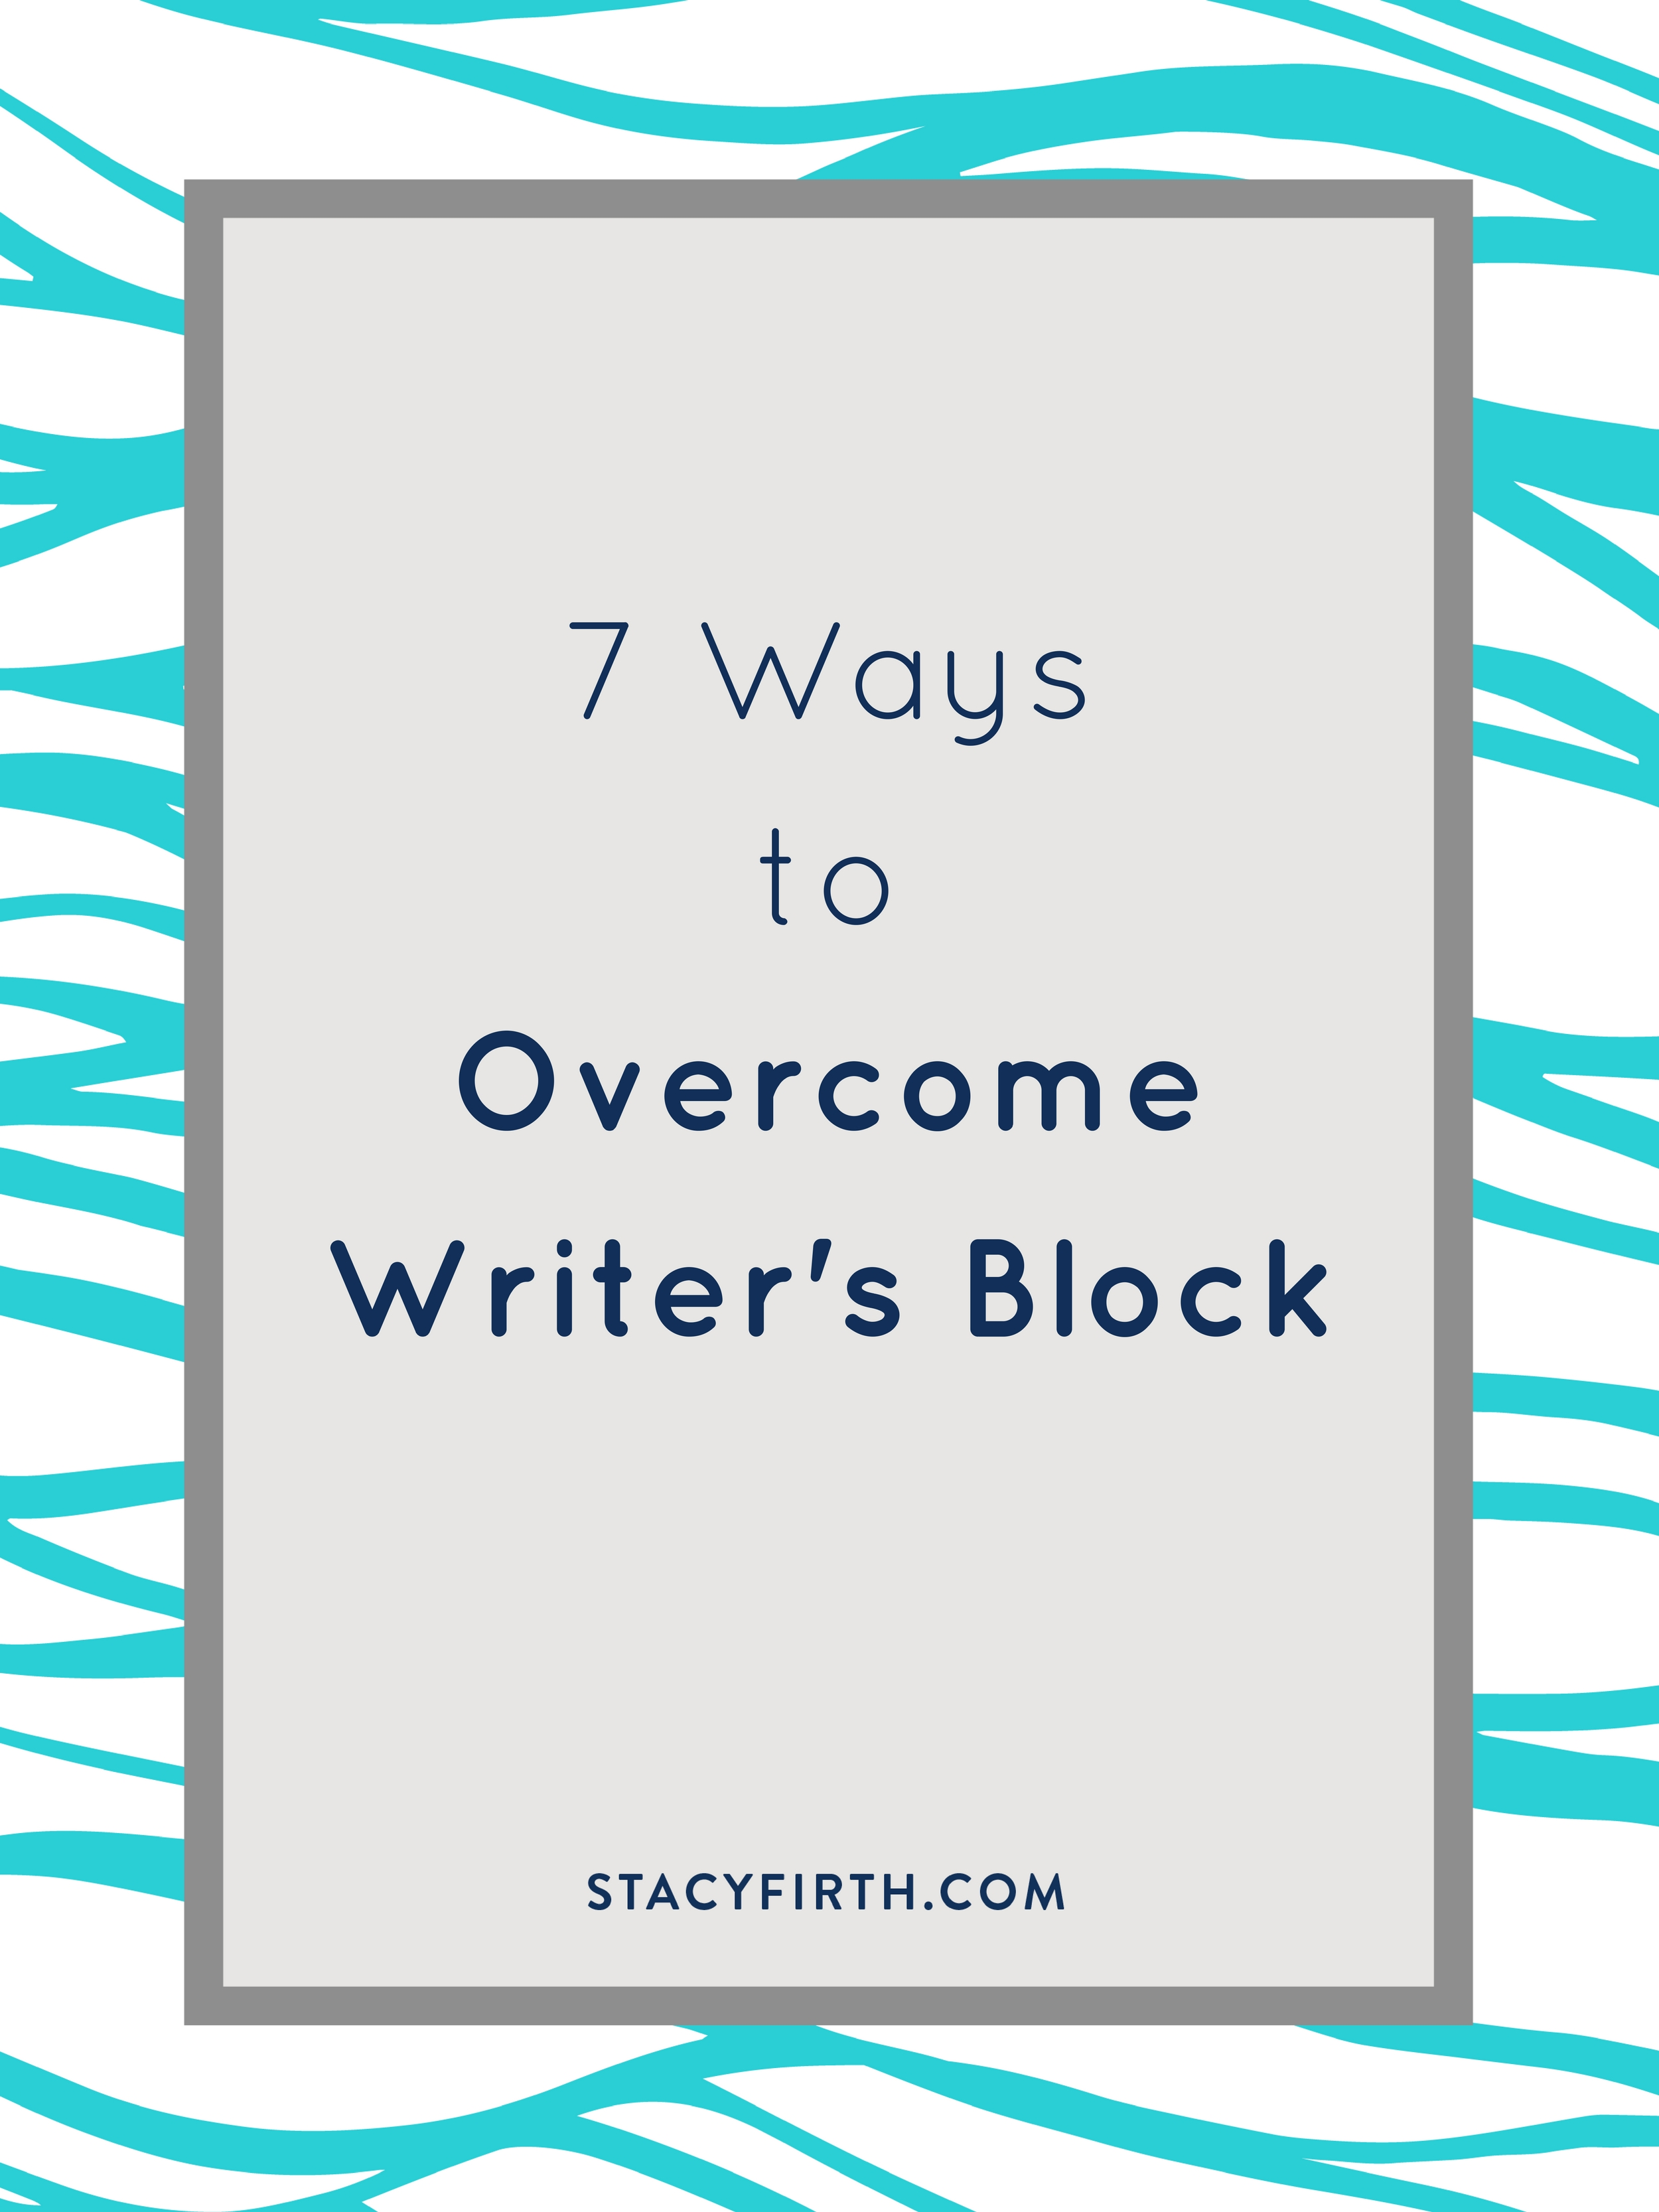 7 Ways to Overcome Writer's Block